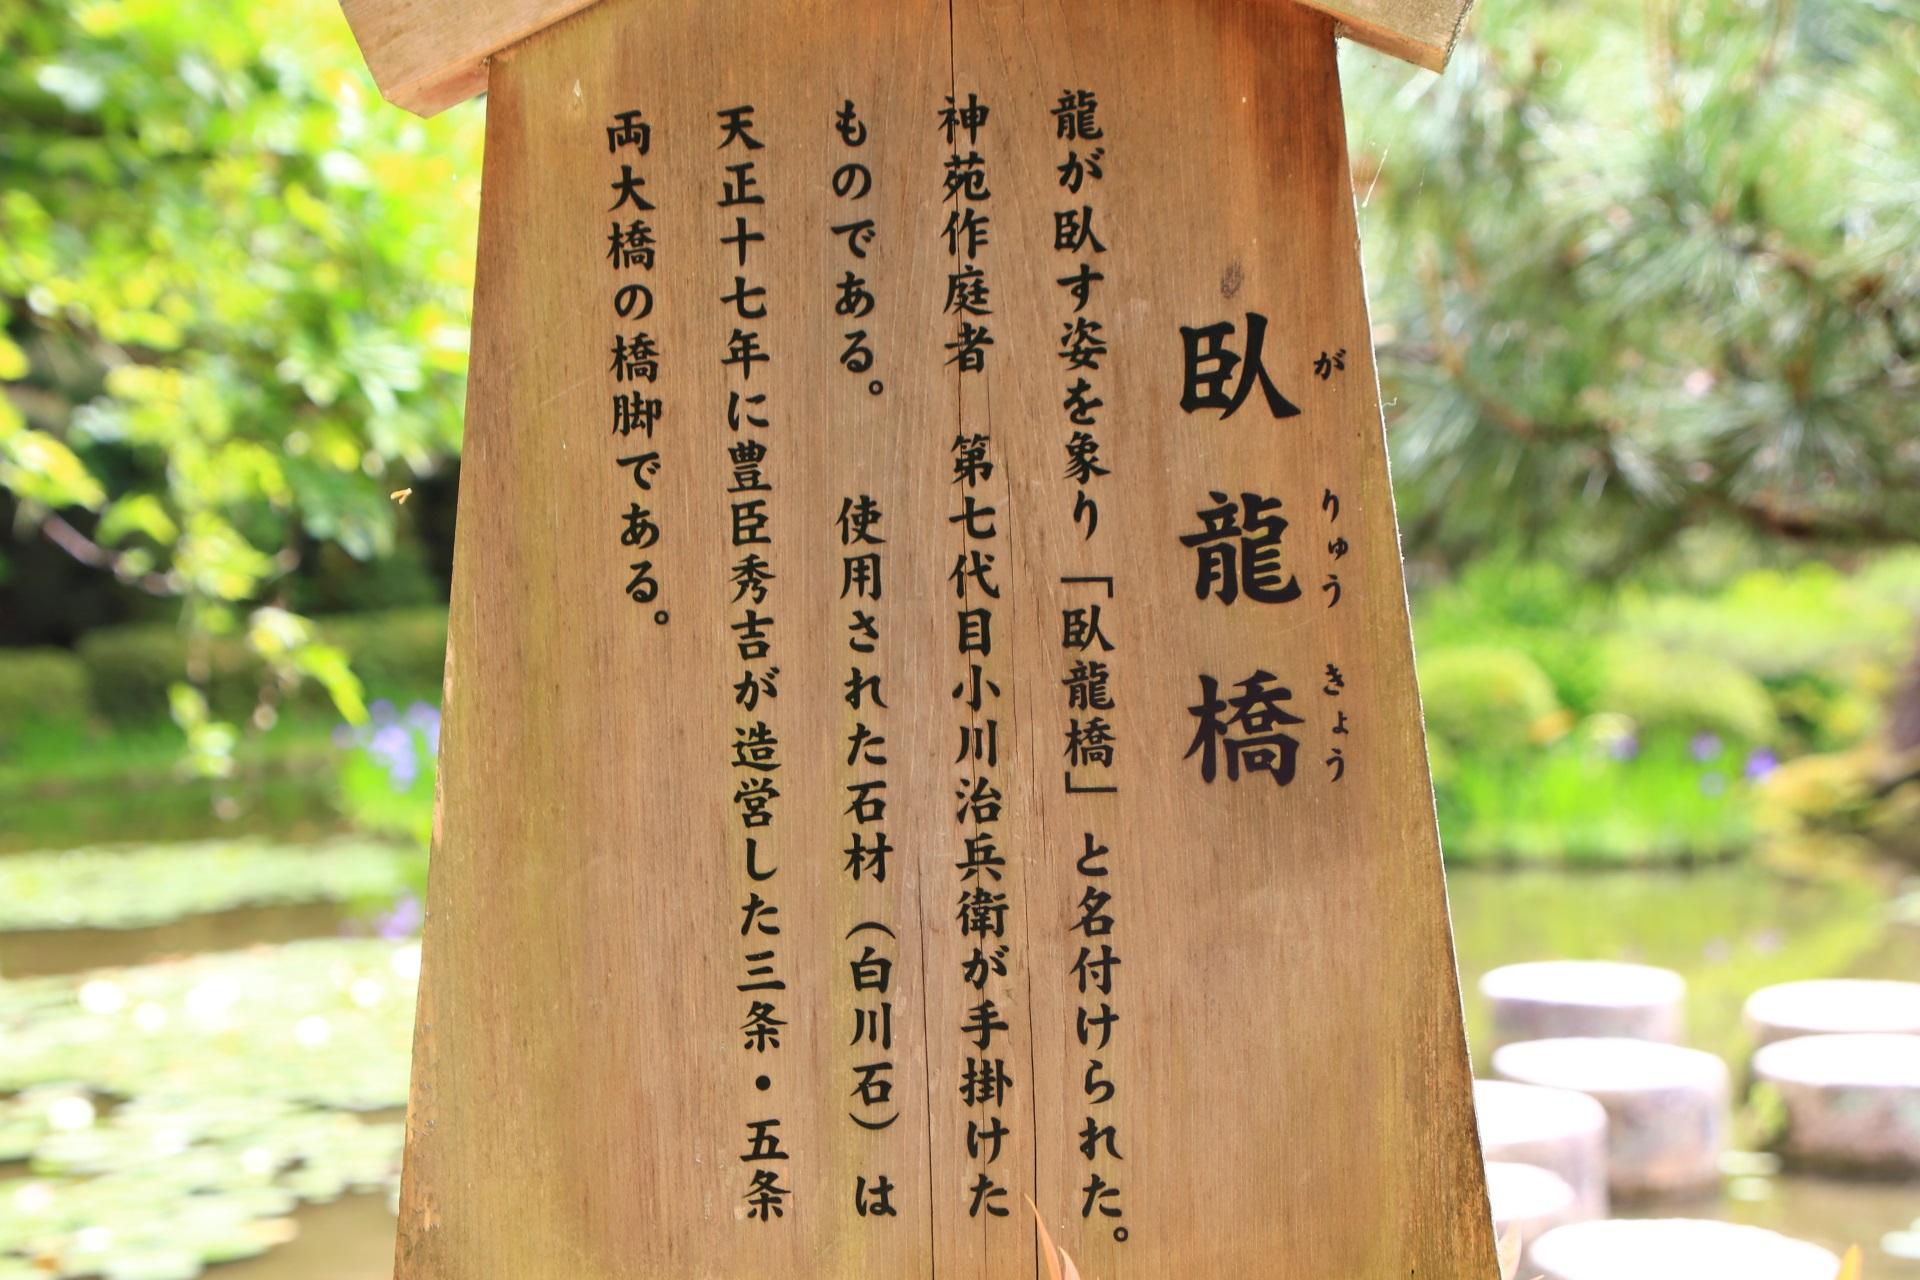 平安神宮中神苑の臥龍橋の説明